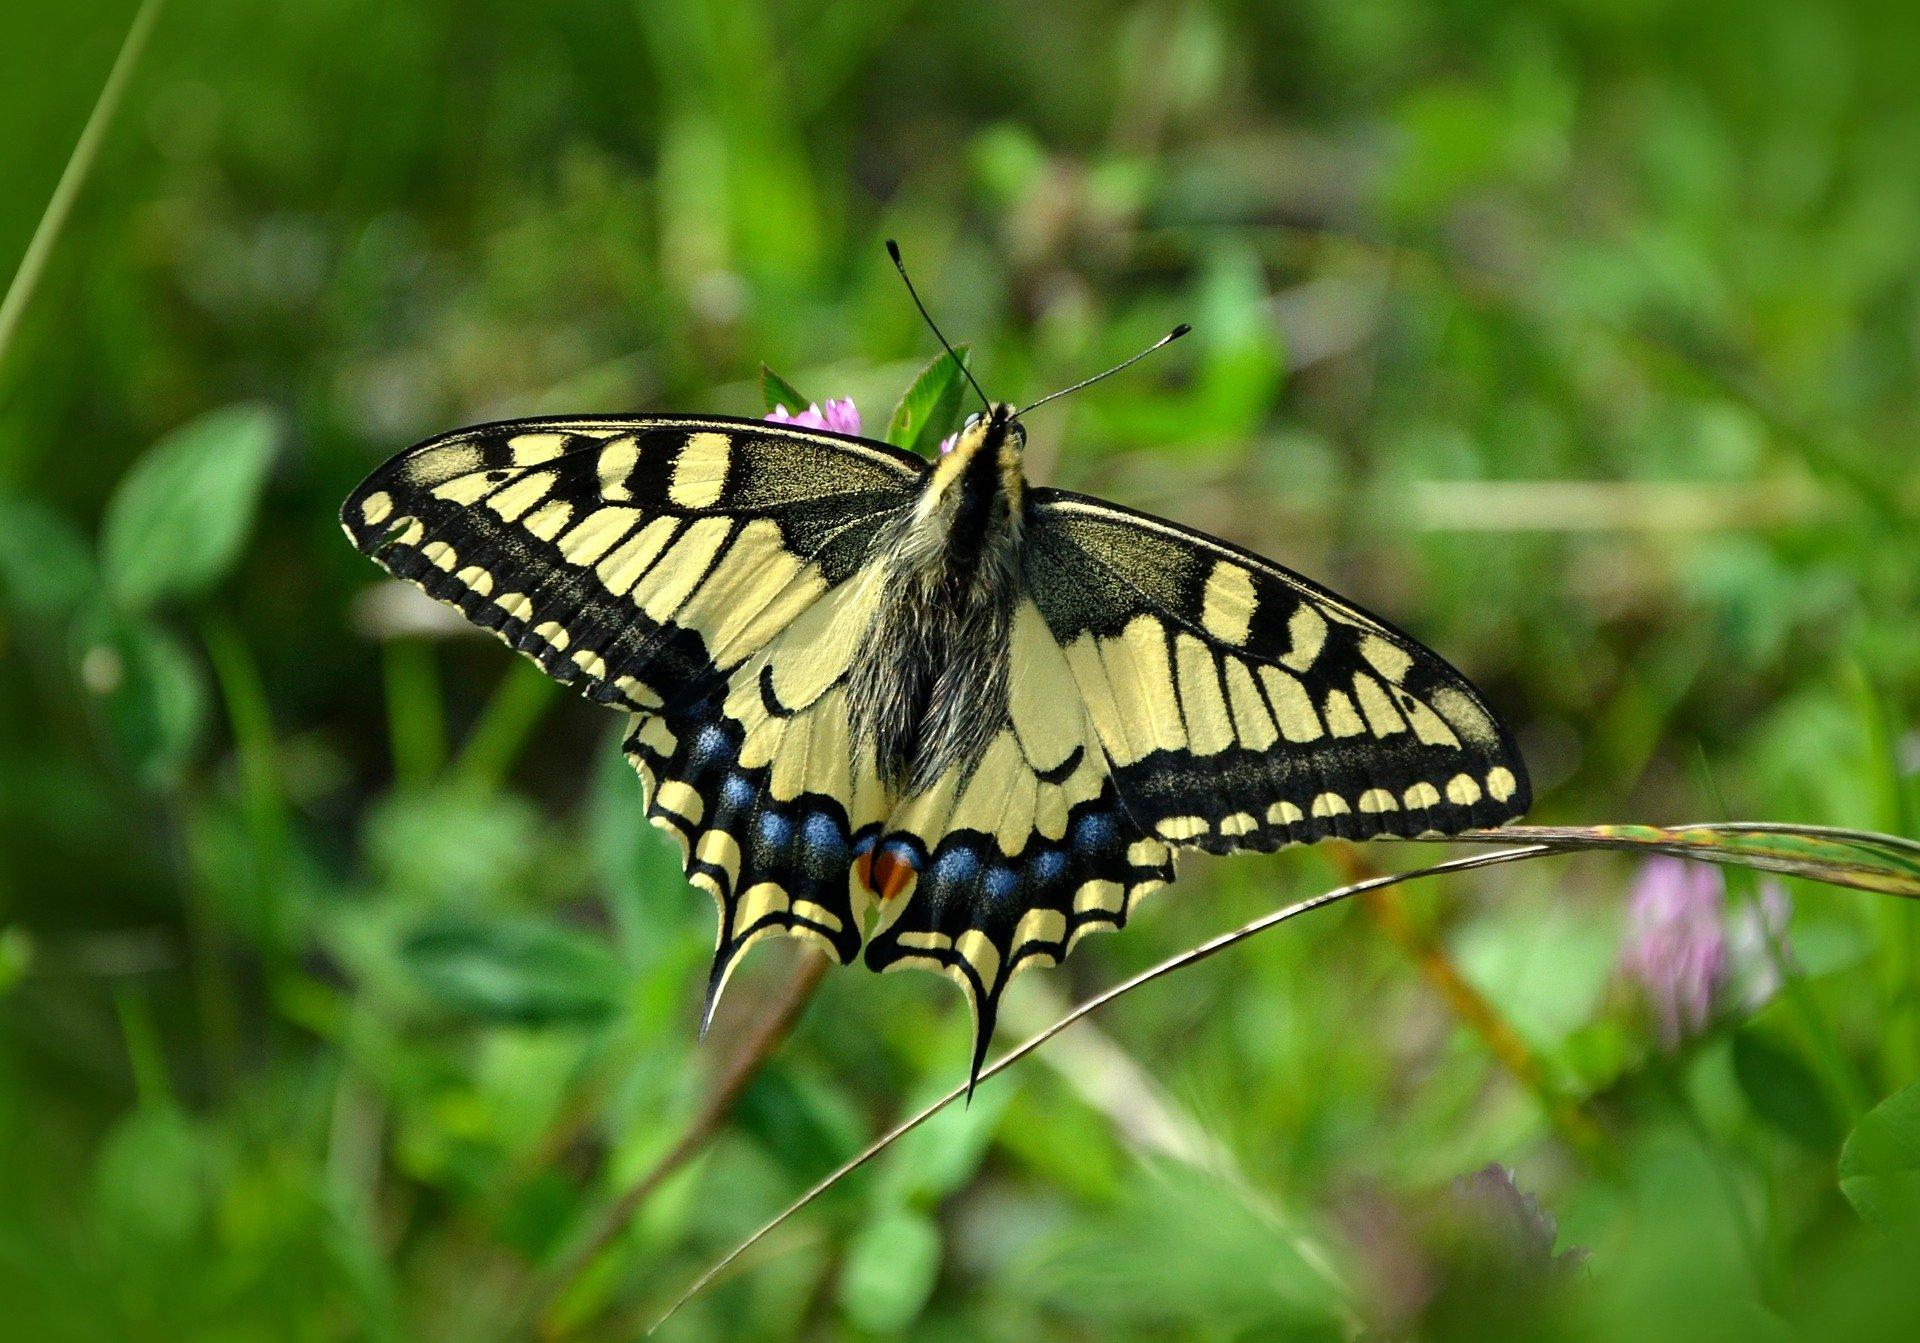 butterfly-491166_1920.jpg